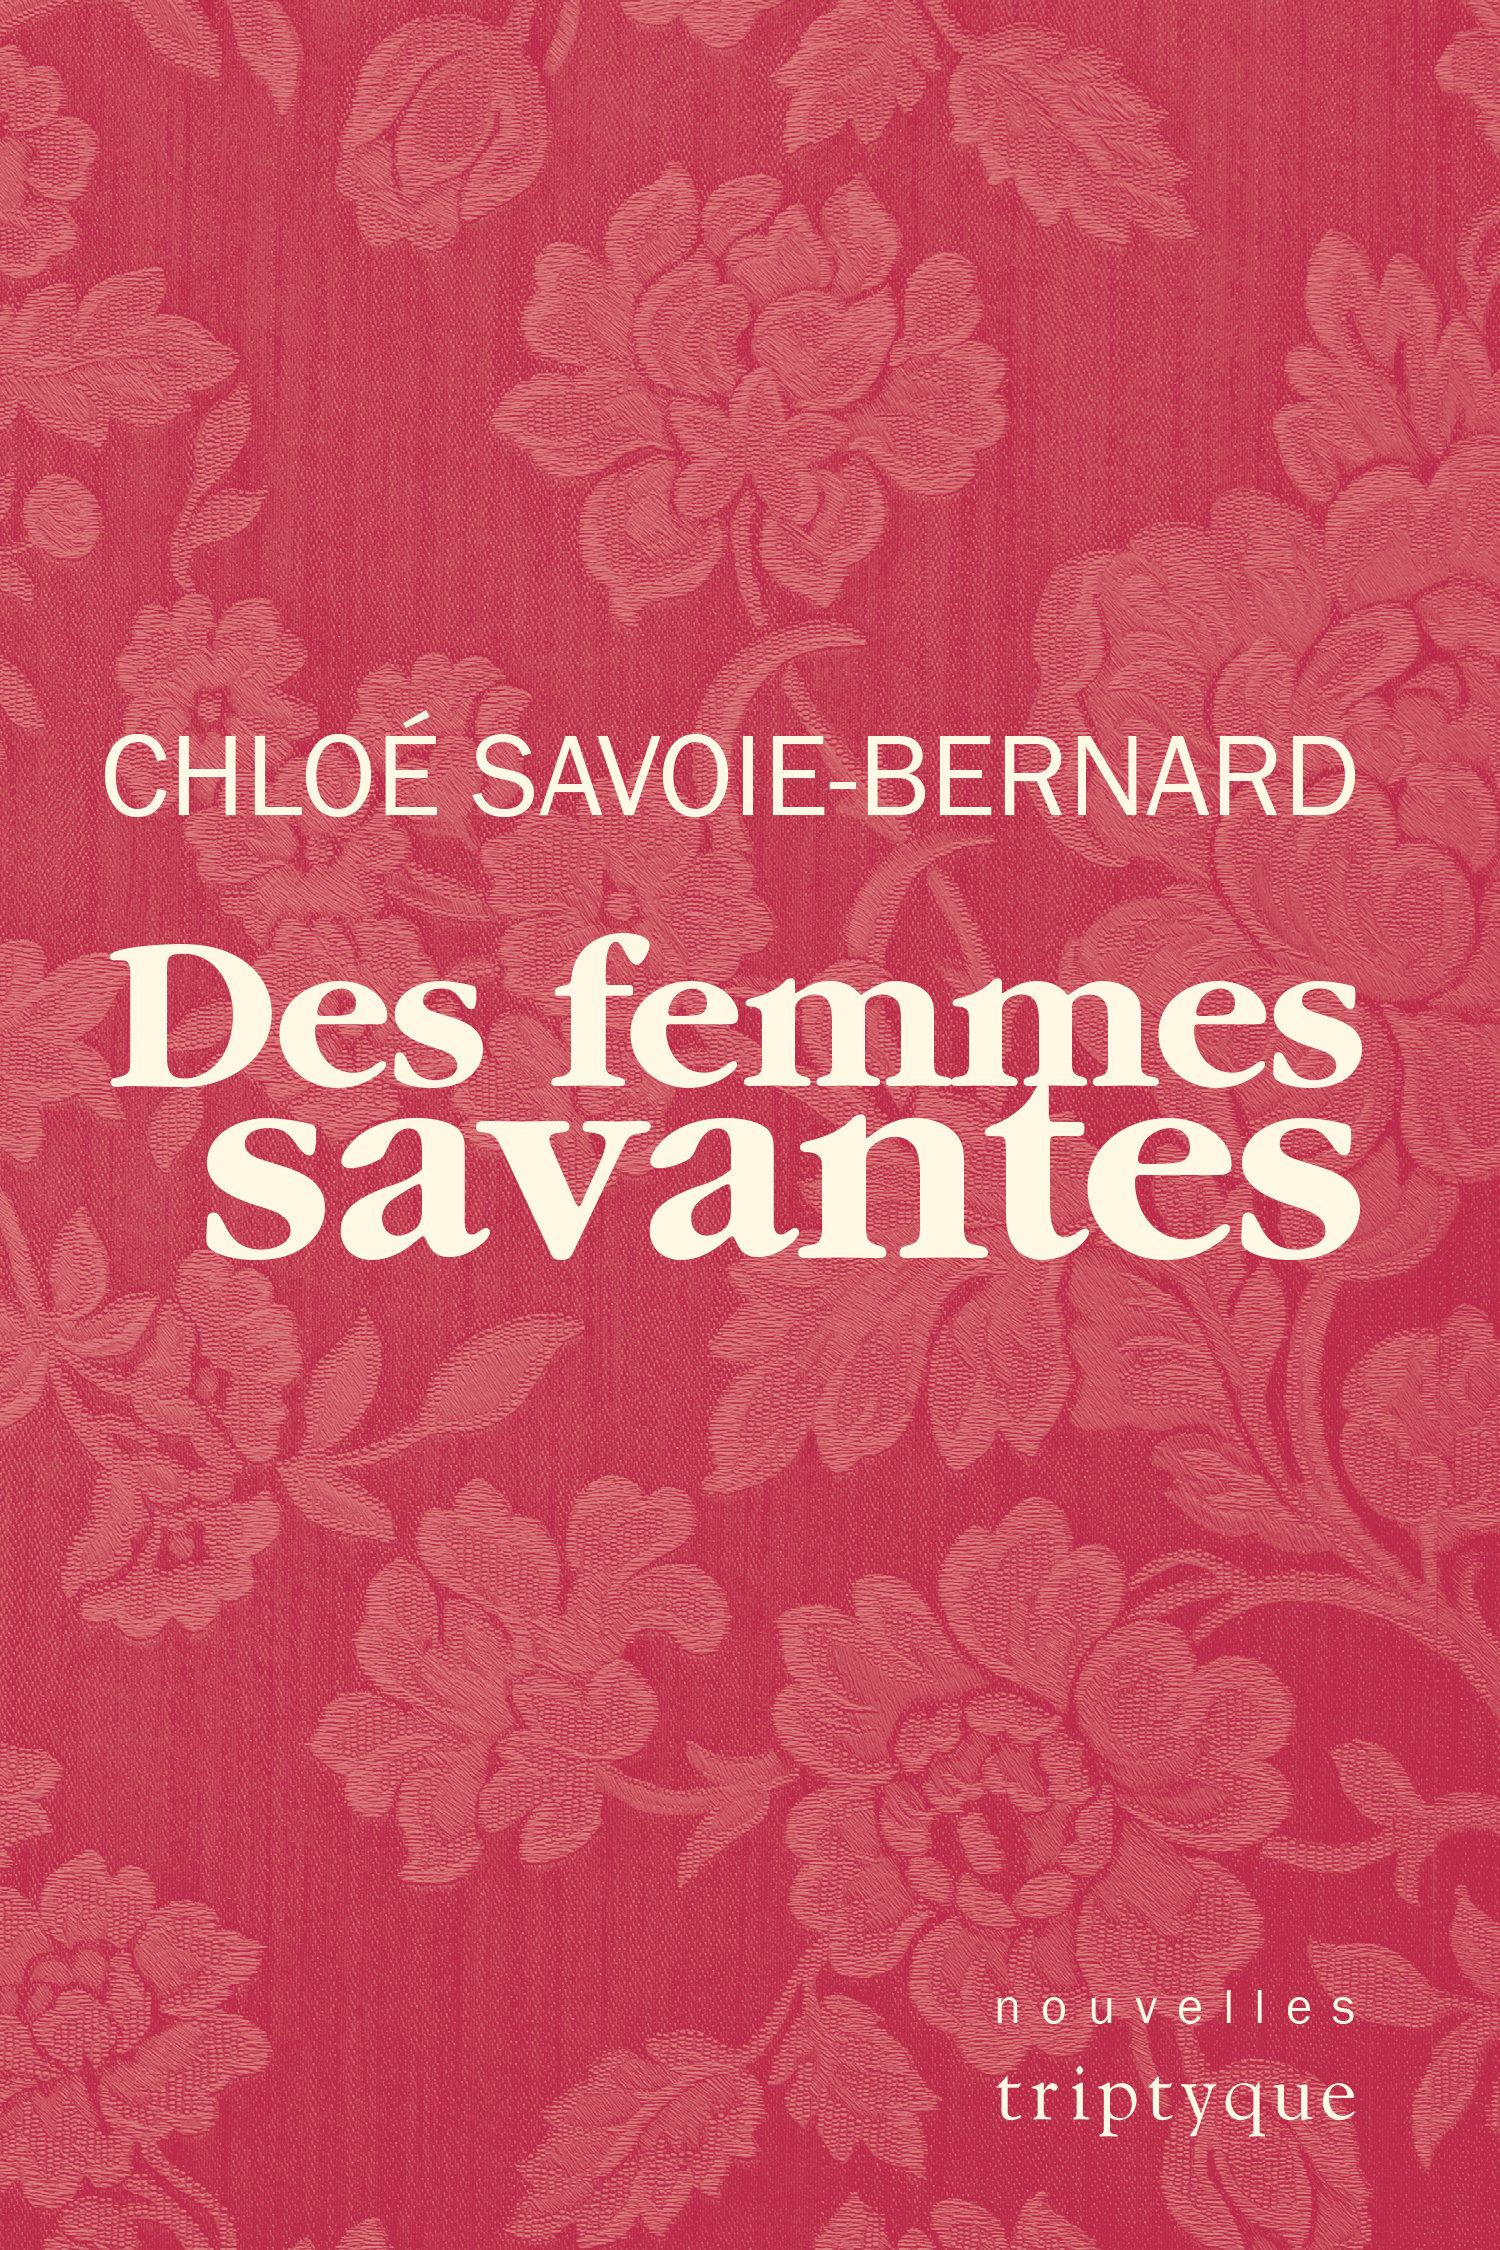 Résultats de recherche d'images pour «des femmes savantes chloé savoie»